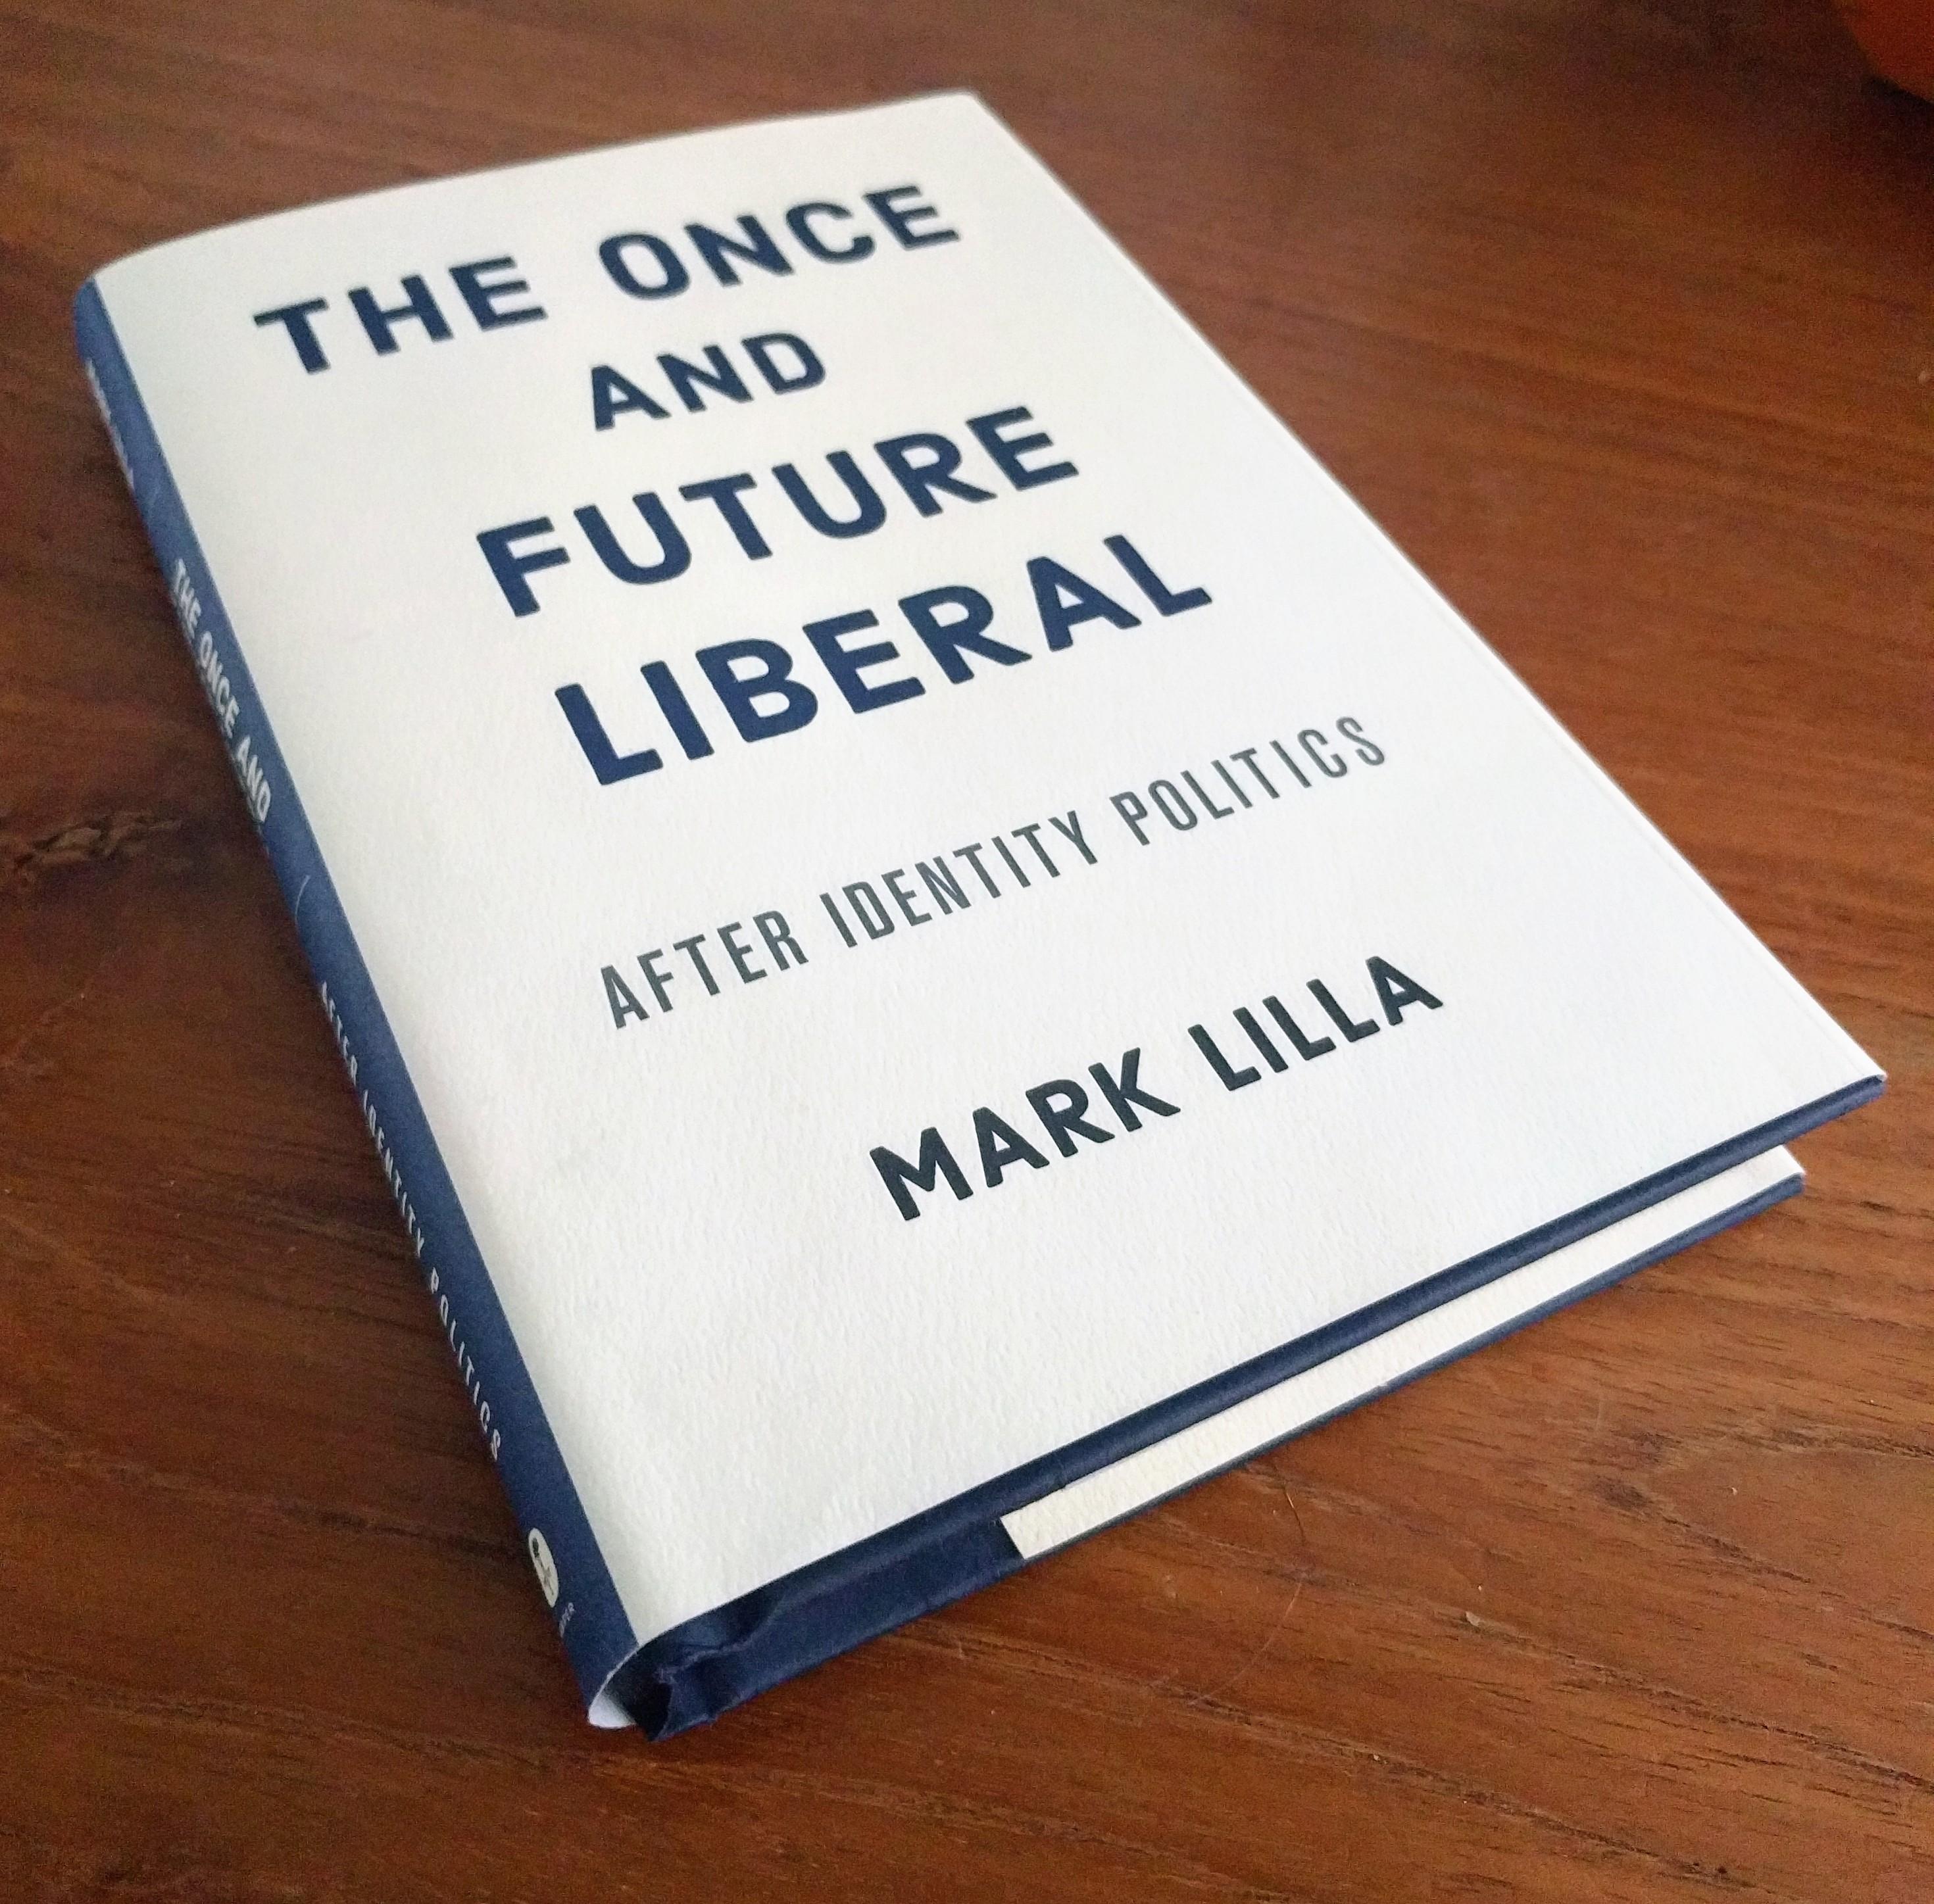 Mark Lilla